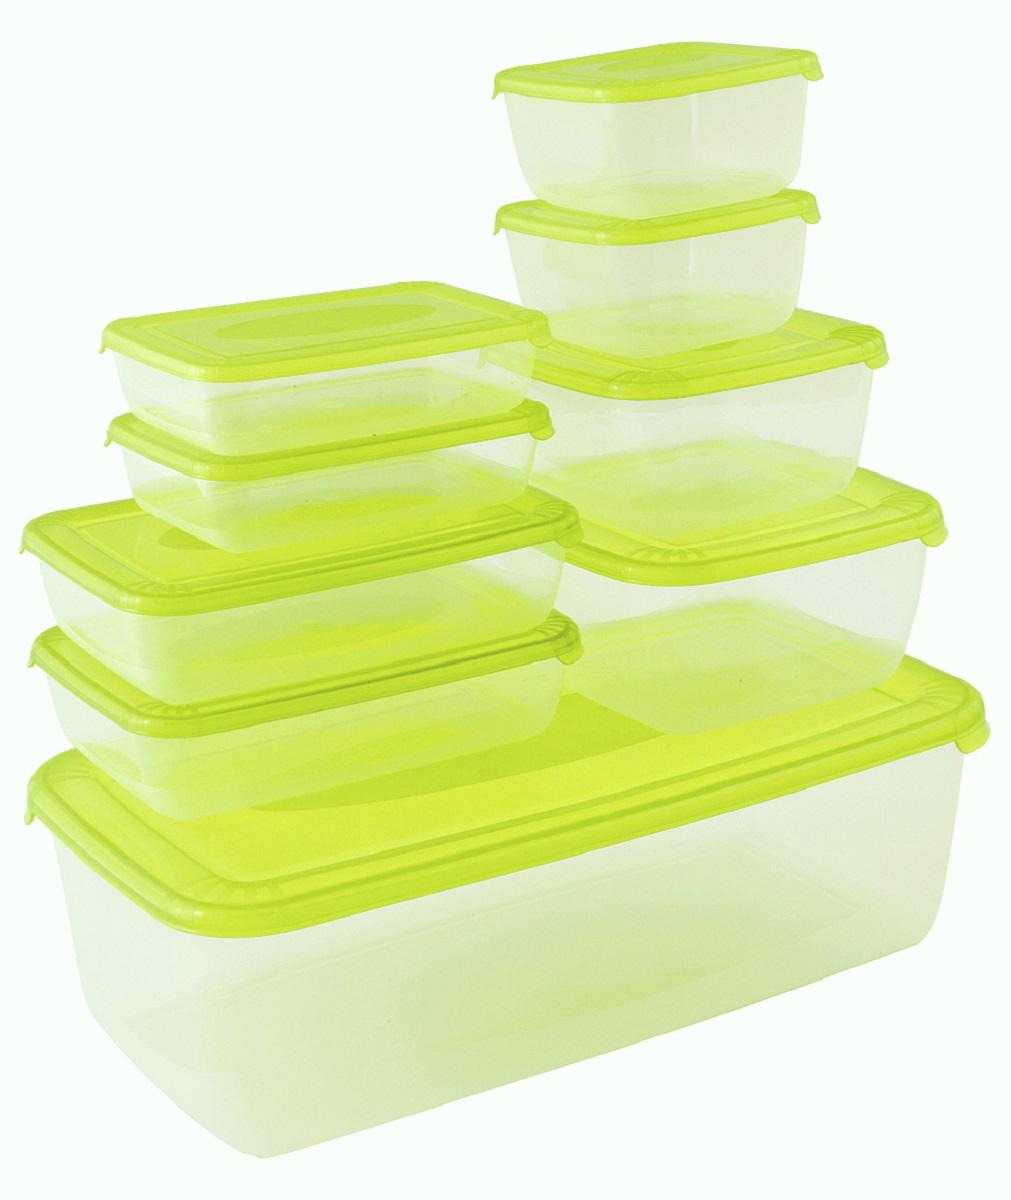 """Универсальные контейнеры предназначены для хранения продуктов в холодильнике или  морозилке, а также для разогрева в СВЧ (при открытой крышке). Для удобства открывания на  крышке есть язычок для захвата. Емкости надежно устанавливаются друг на друга, что позволит  сэкономить место на кухне. Покрытие """"шагрень"""" на верхней плоскости крышки предотвращает  скольжение и создает приятные тактильные ощущения."""